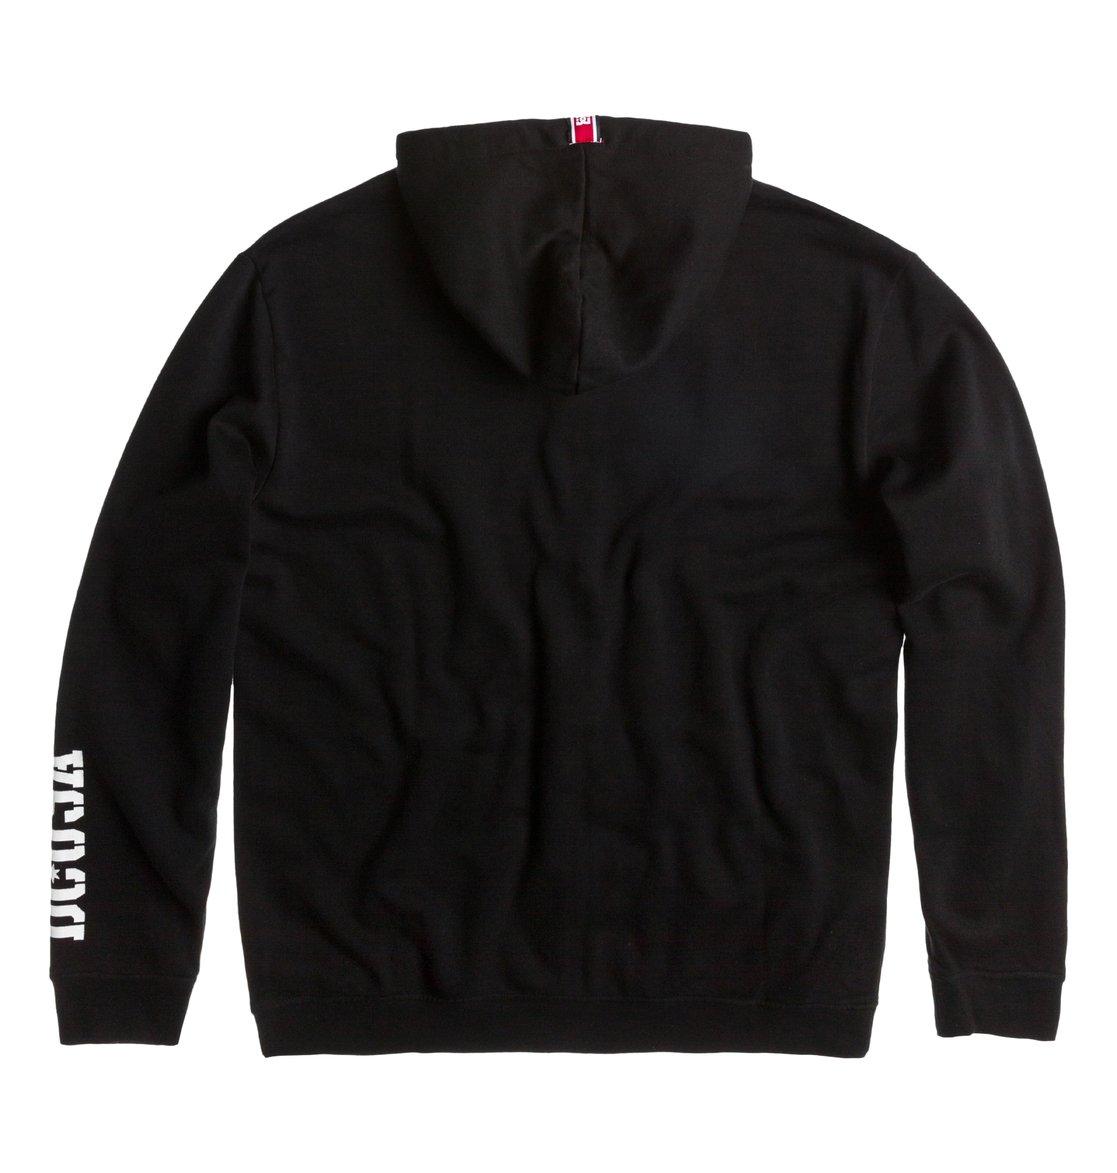 Rob dyrdek hoodies